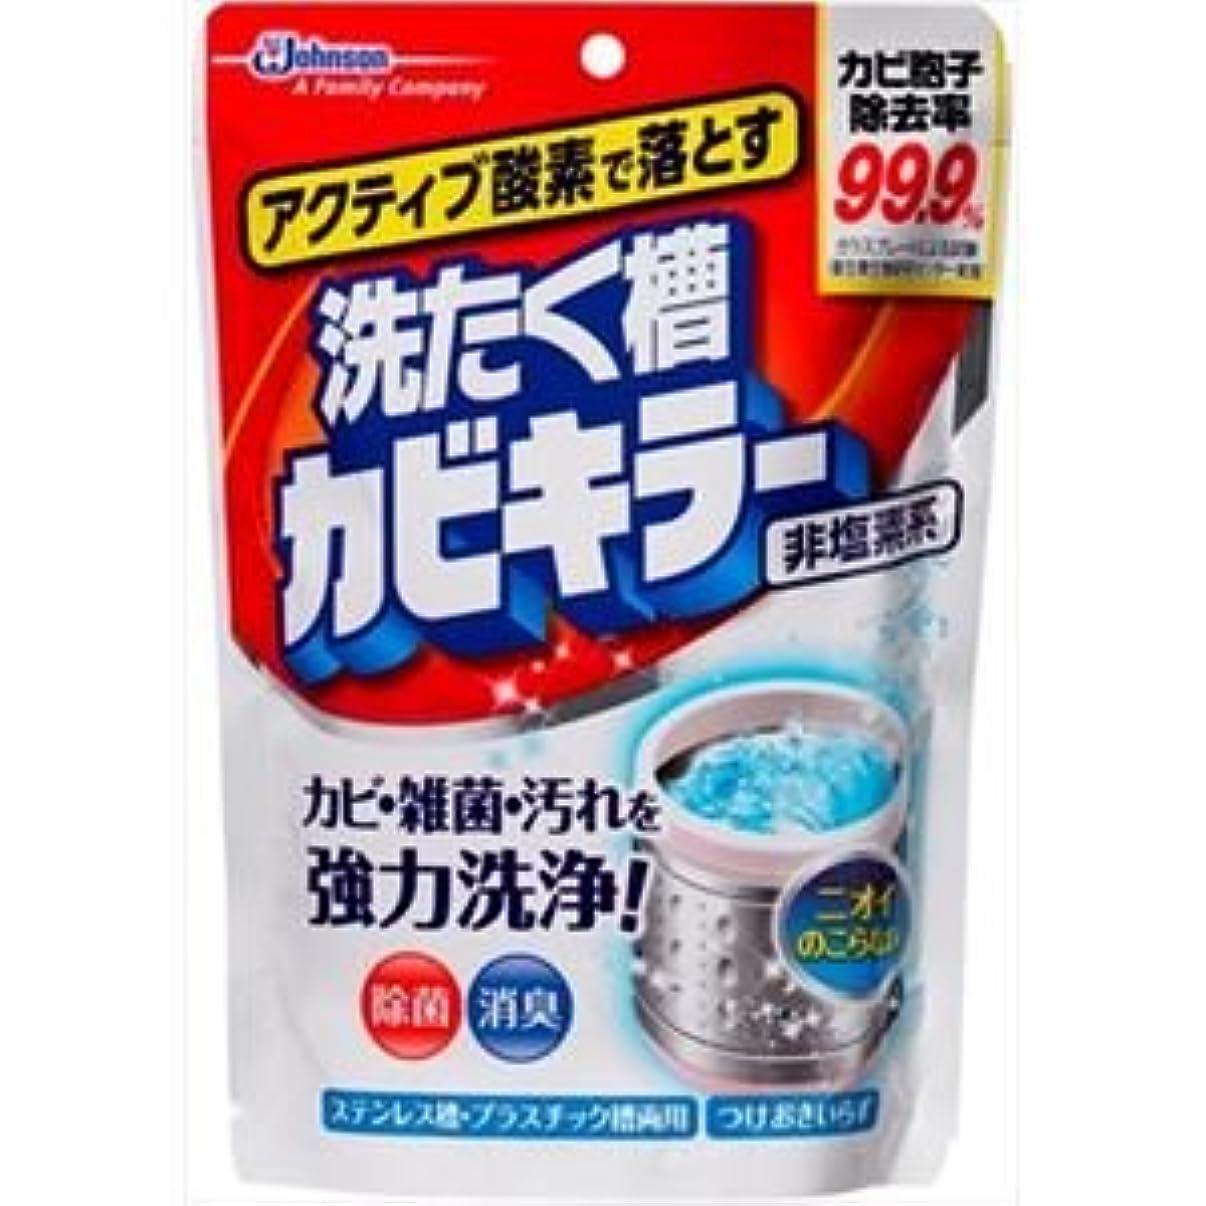 アクセシブル中央セットアップ(まとめ)ジョンソン アクティブ酸素で落とす洗濯槽カビキラー250G 【×5点セット】